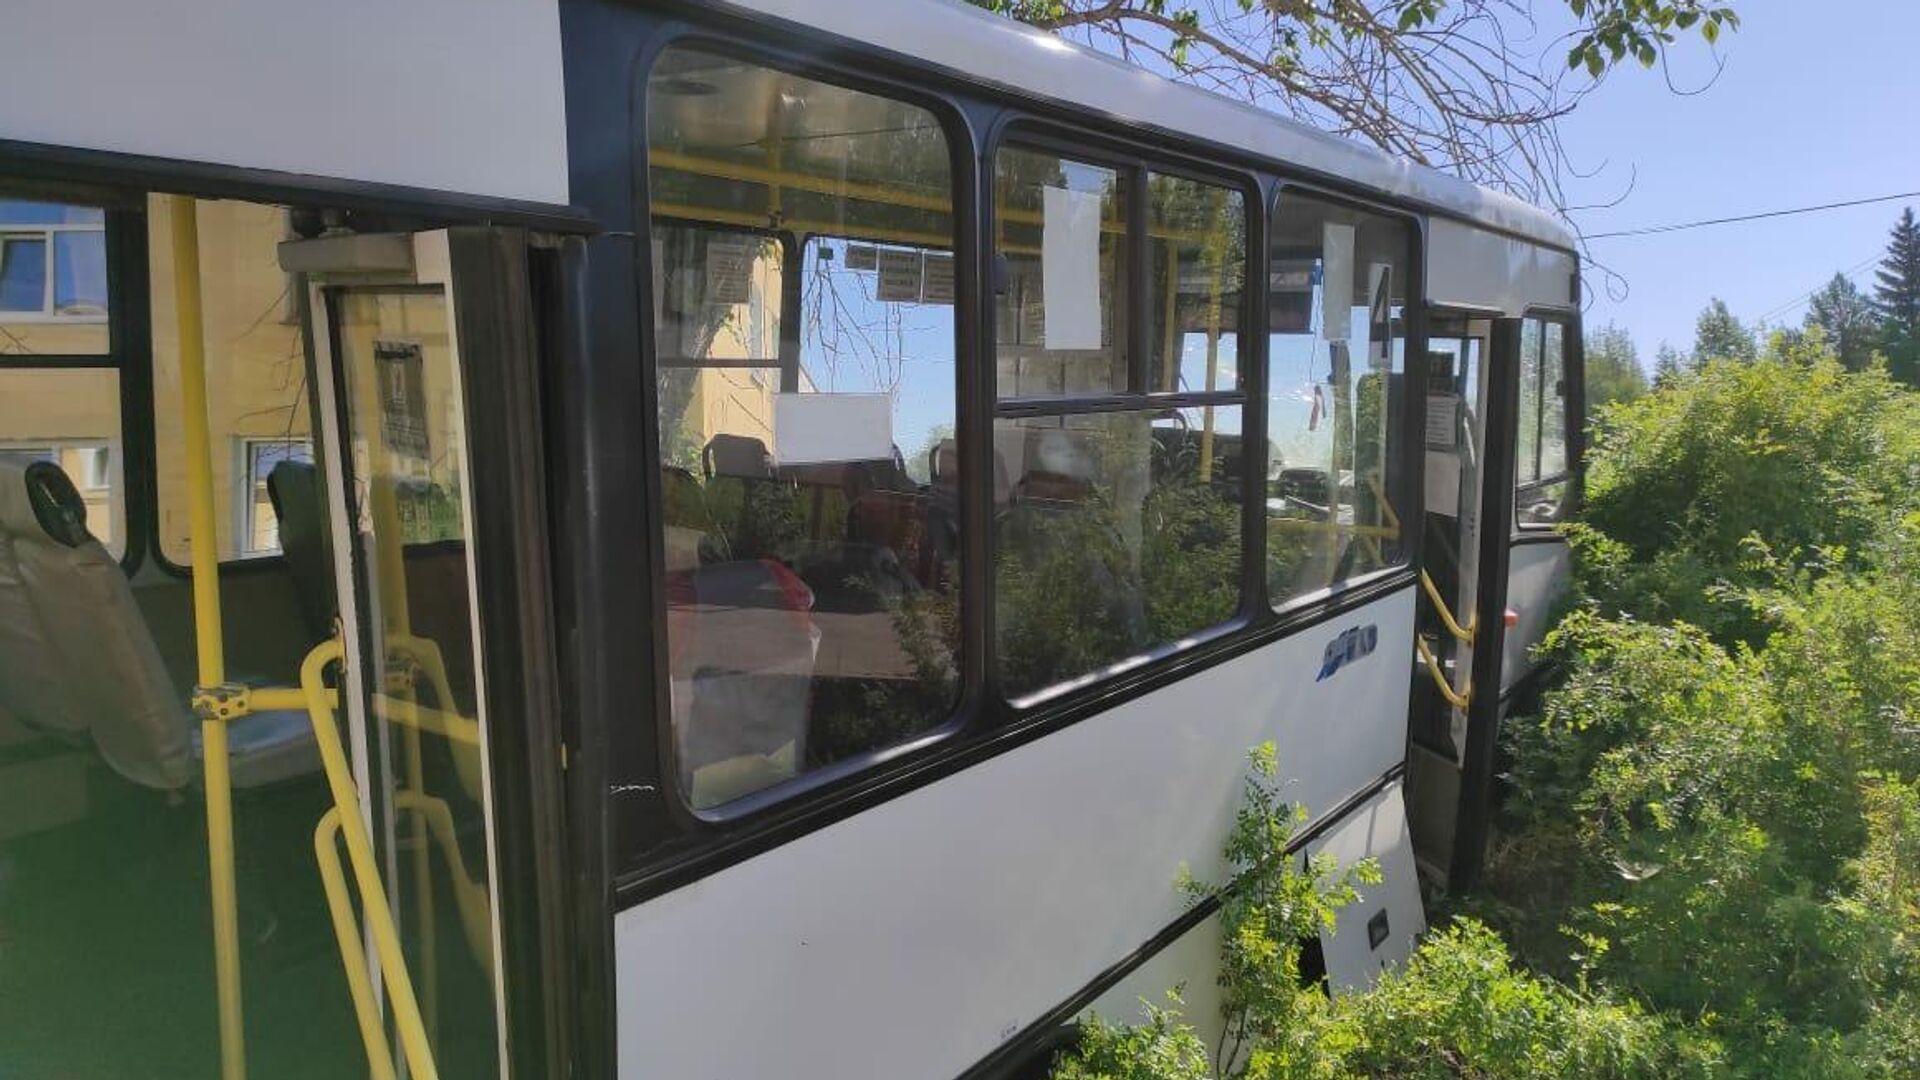 ДТП с автобусом в городе Лесной Свердловской области - РИА Новости, 1920, 11.06.2021